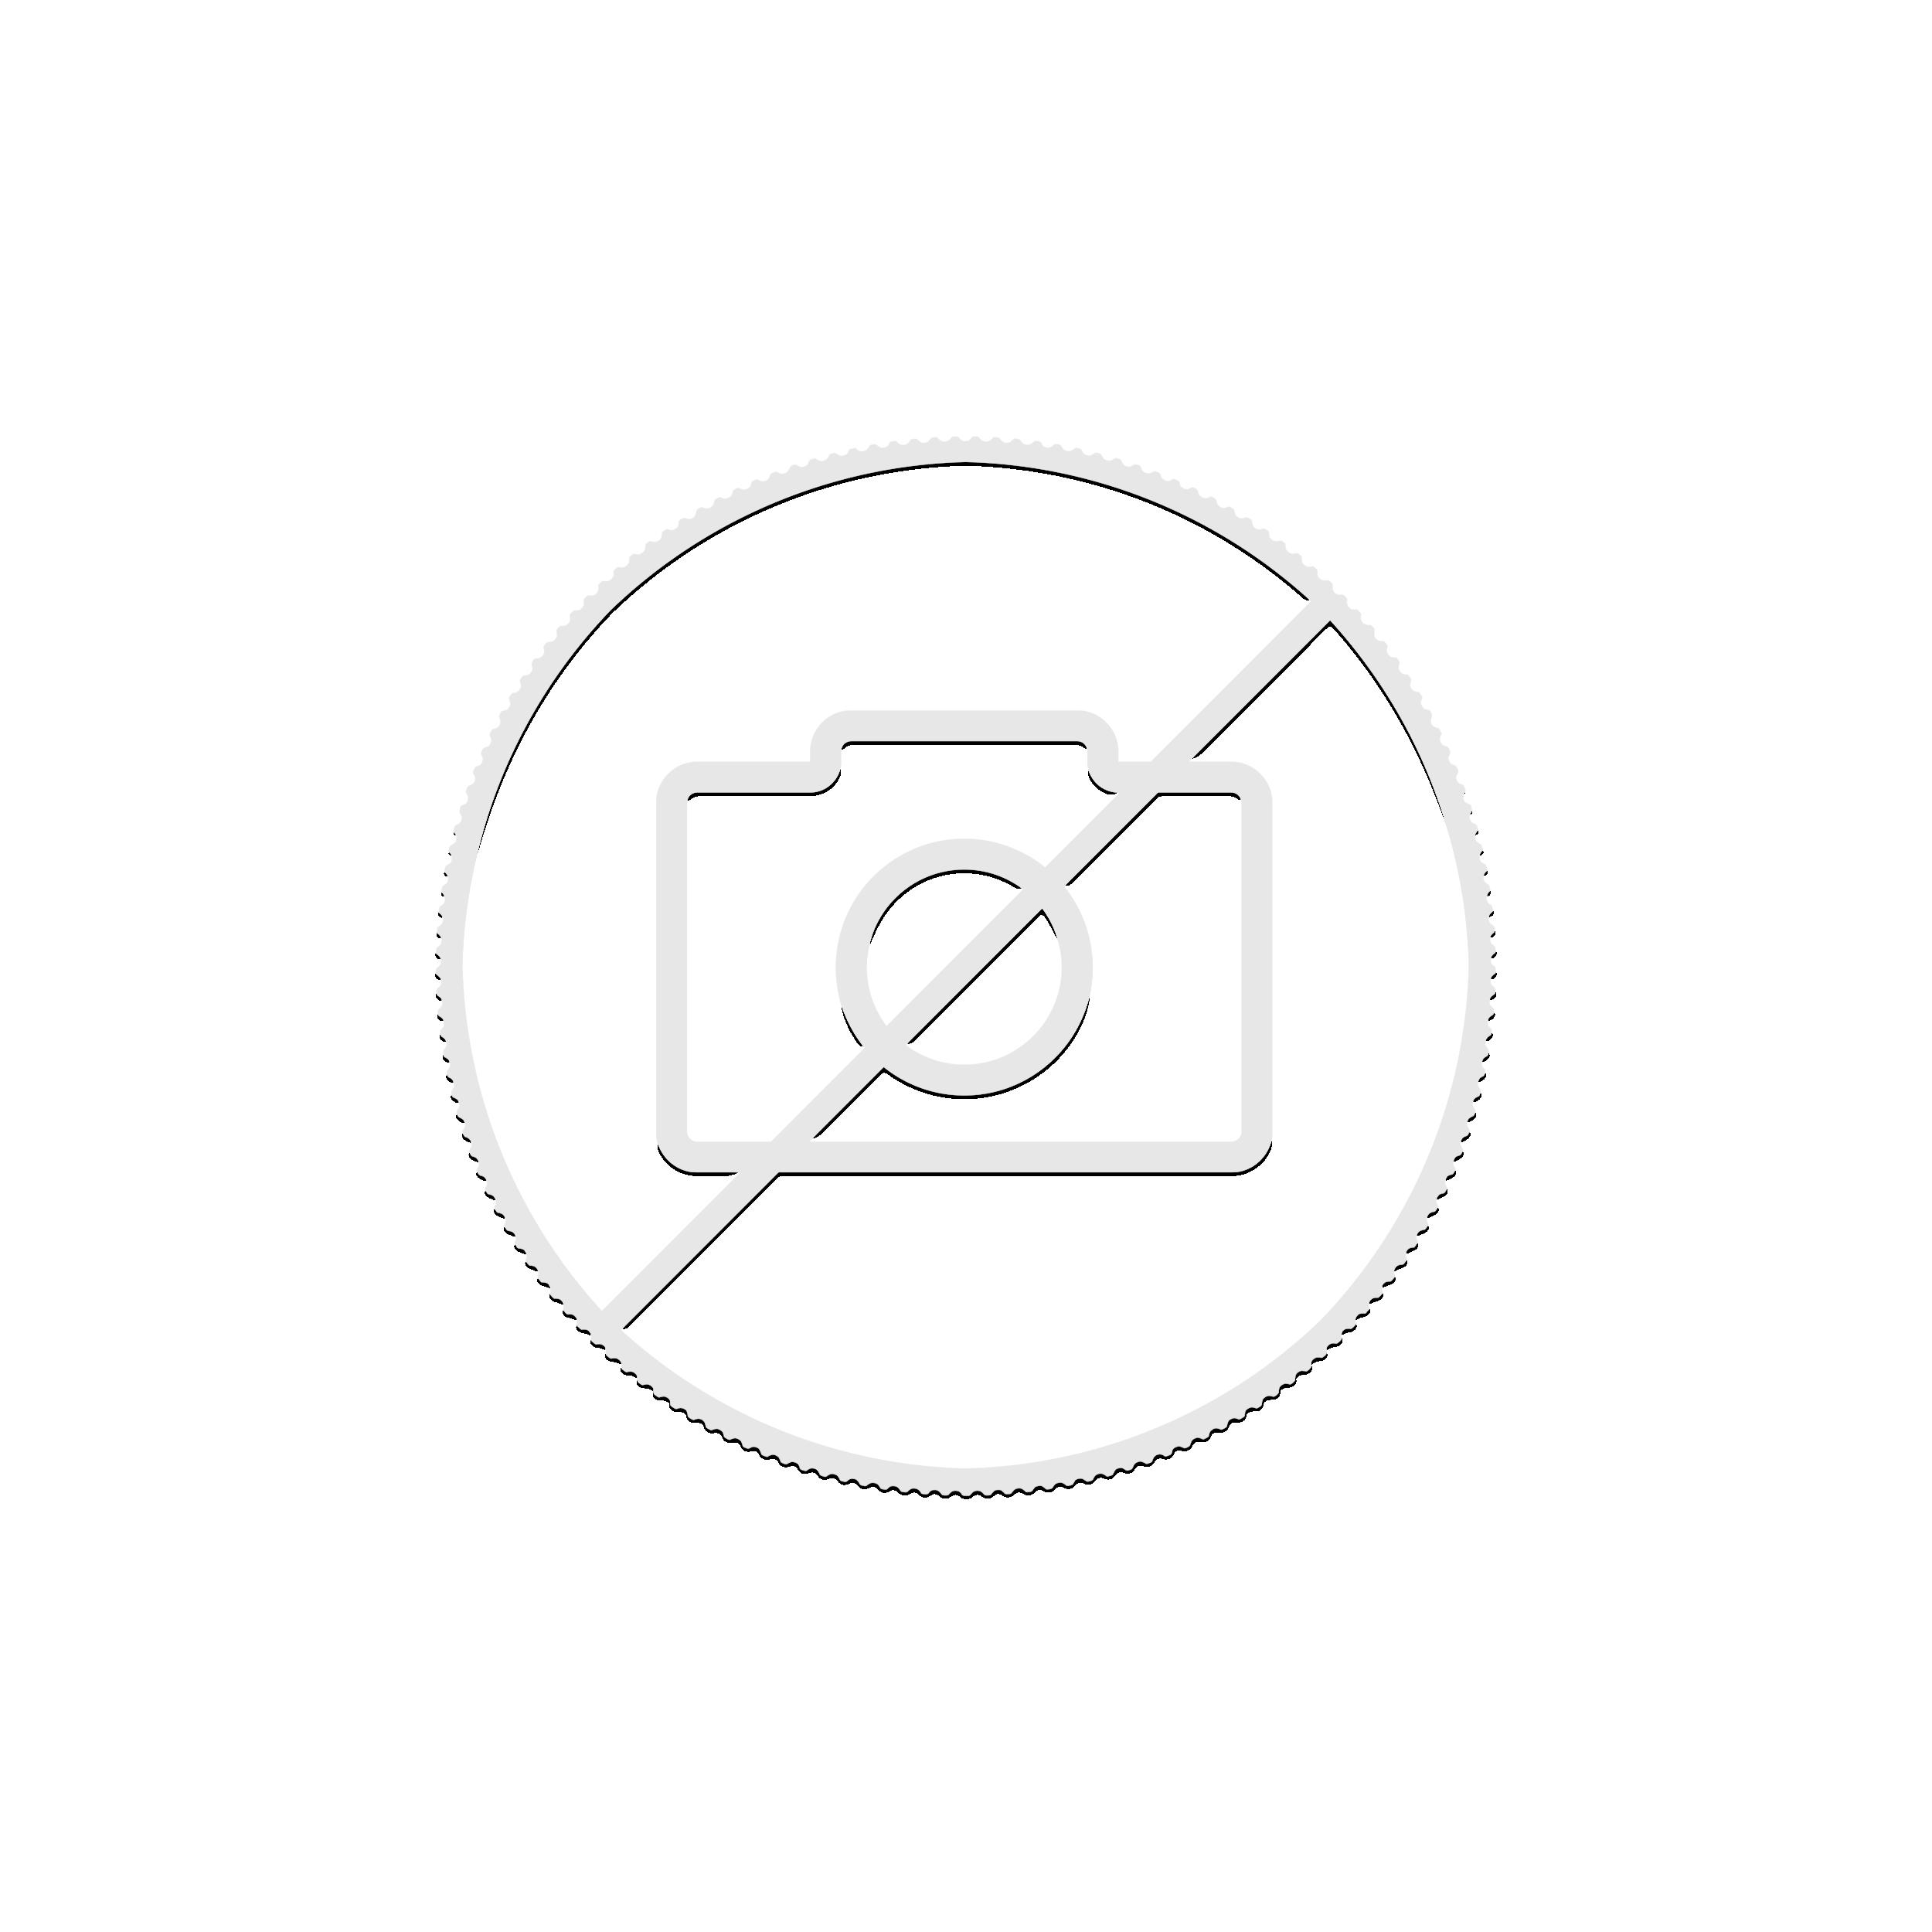 8 Grams gold Panda coin 2017